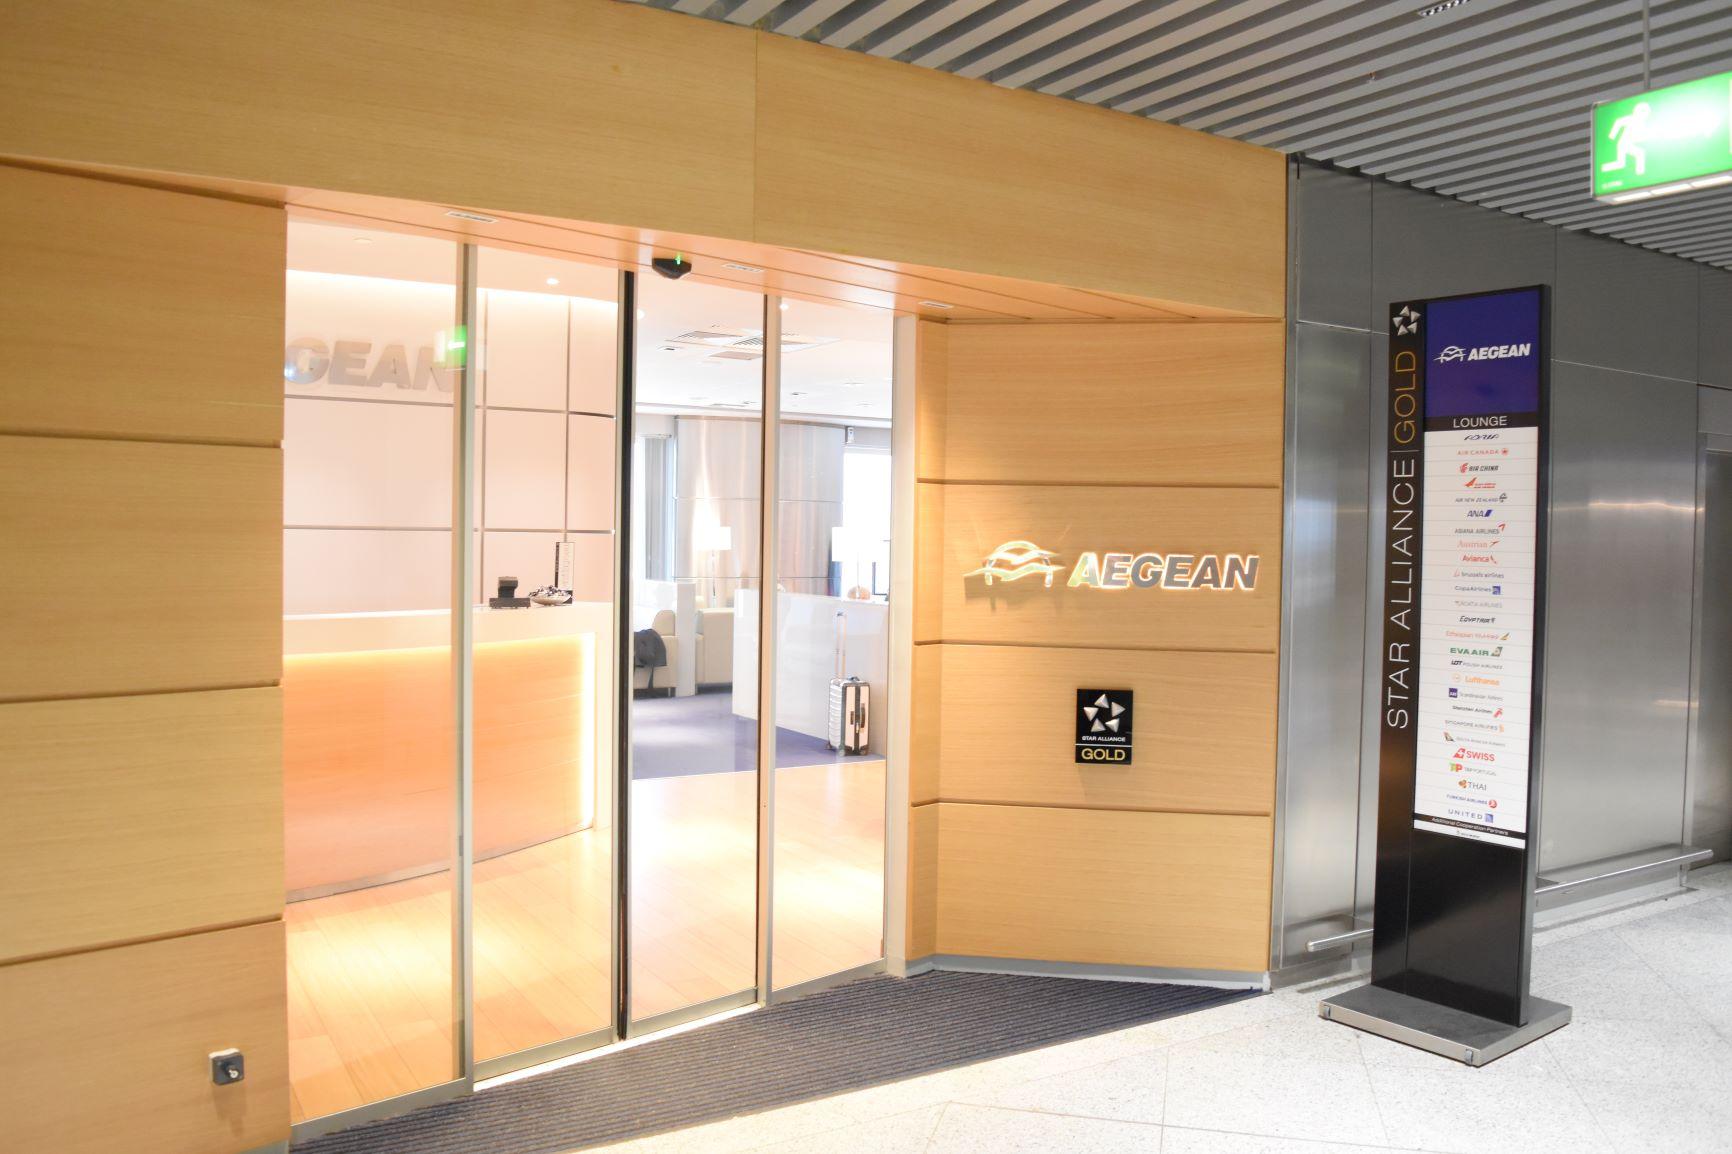 Baby Test: Aegean Lounge Athen Airport (Schengen) Terminal B